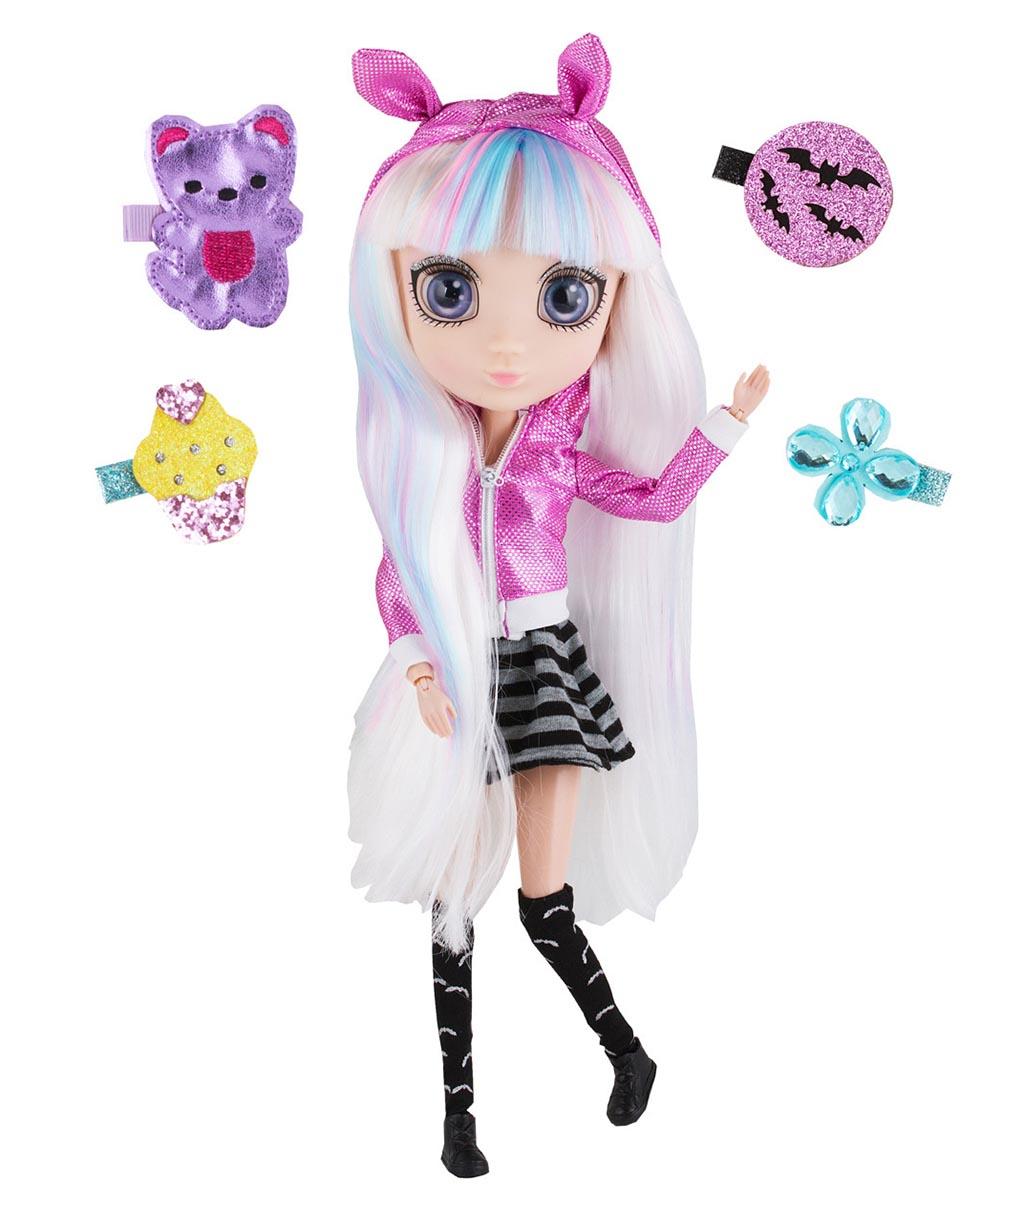 HUN7708 Shibajuku GIRLS Кукла 33см Сури 3